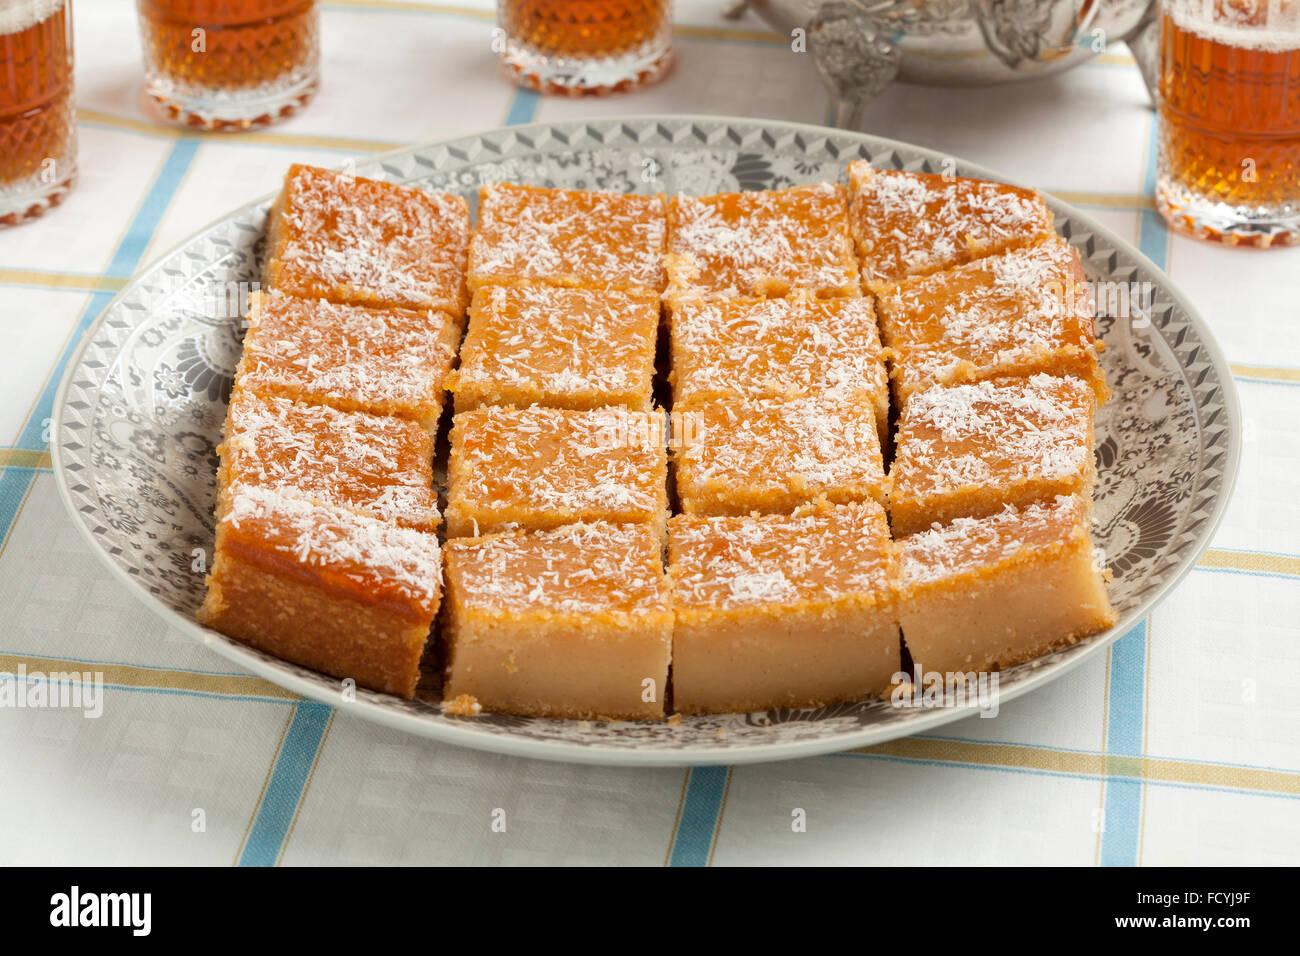 Pastel fresco de yogur marroquí cocido cortado en trozos y té para visitantes Imagen De Stock